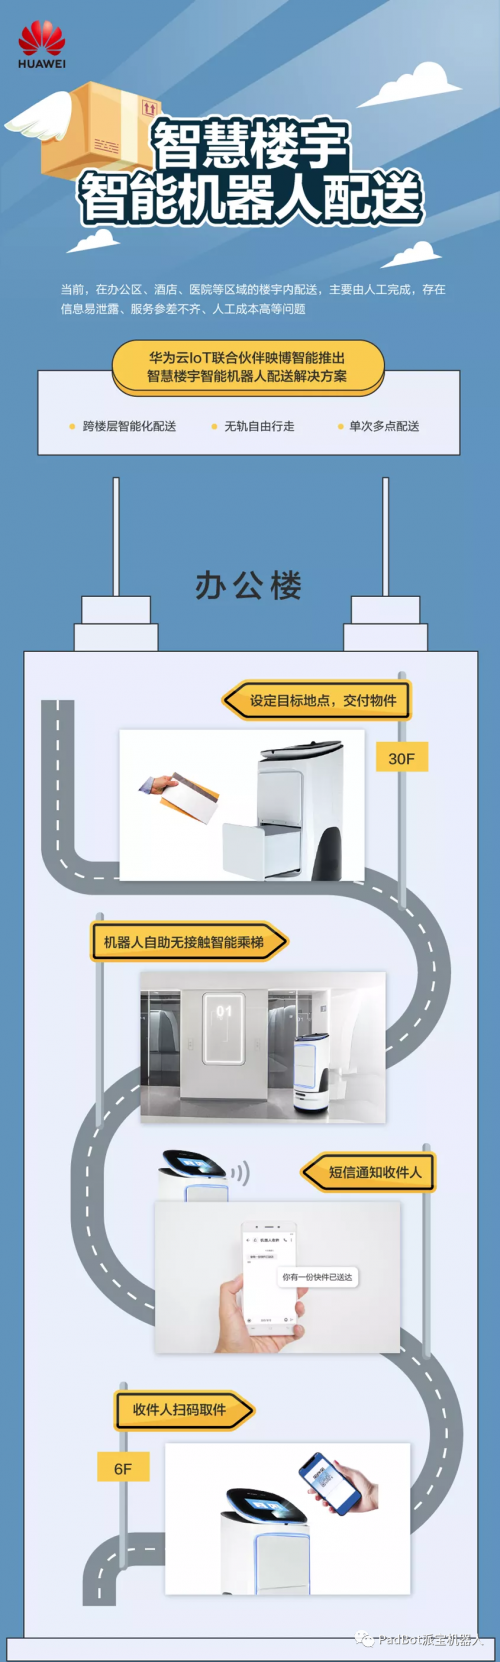 派宝机器人再发力 构建商用智能机器人生态圈